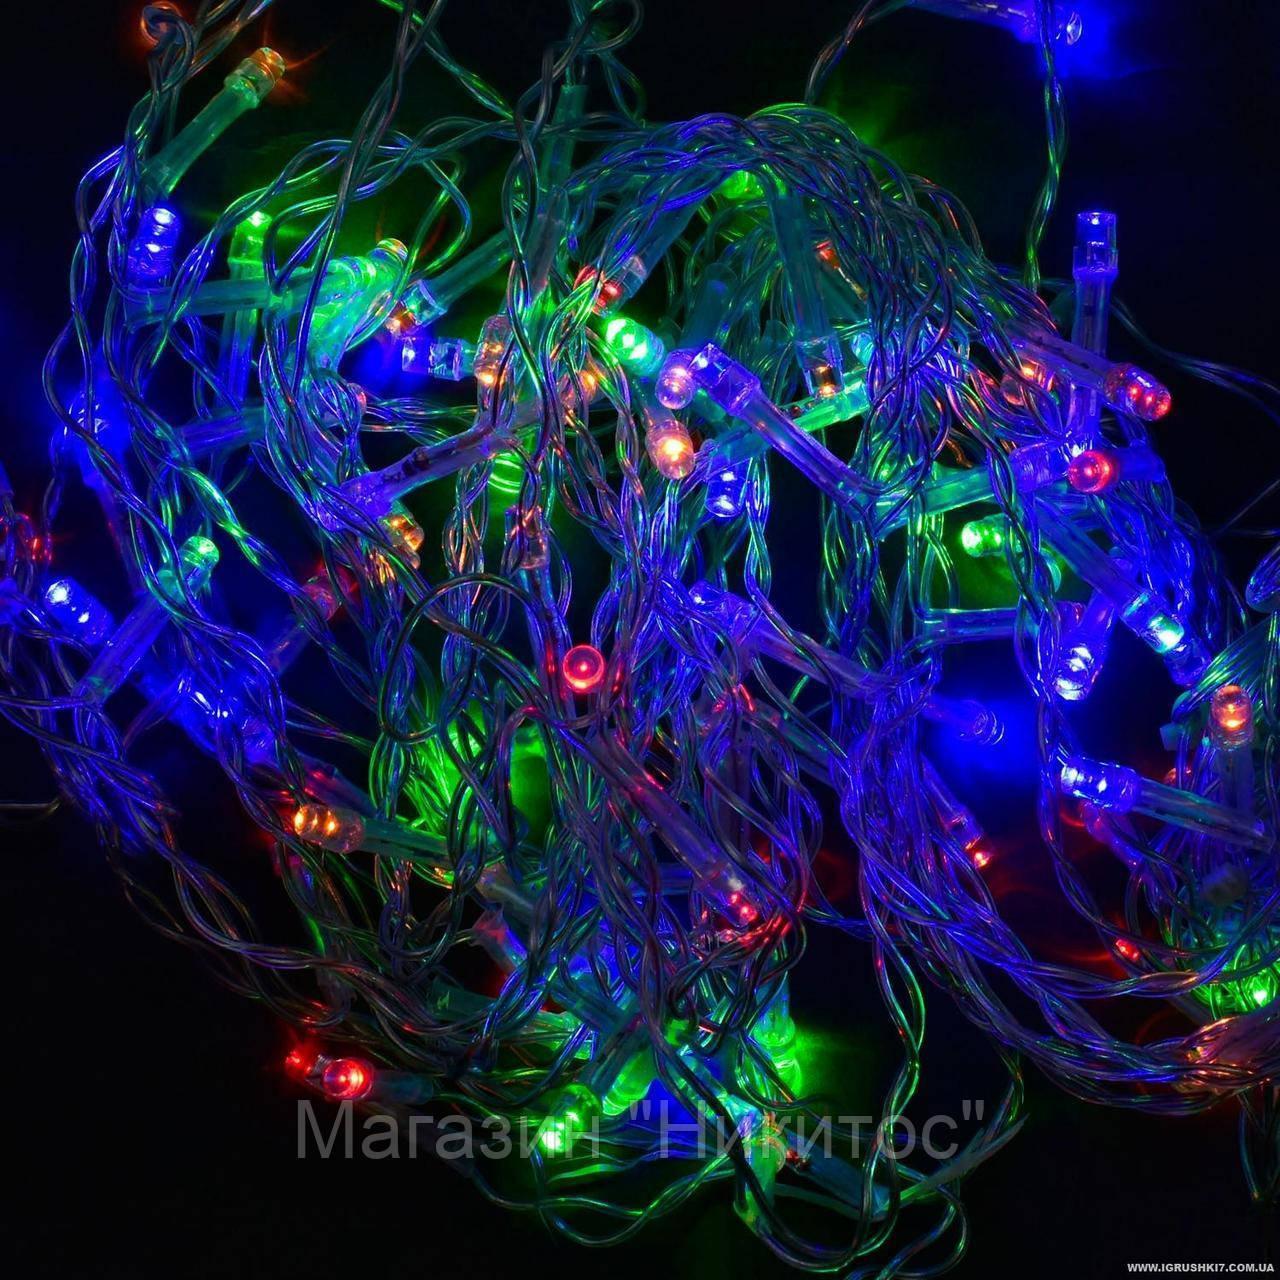 SALE! Гирлянда светодиодная 100 лампочек, длина провода 3 метра, длина веток 70 см